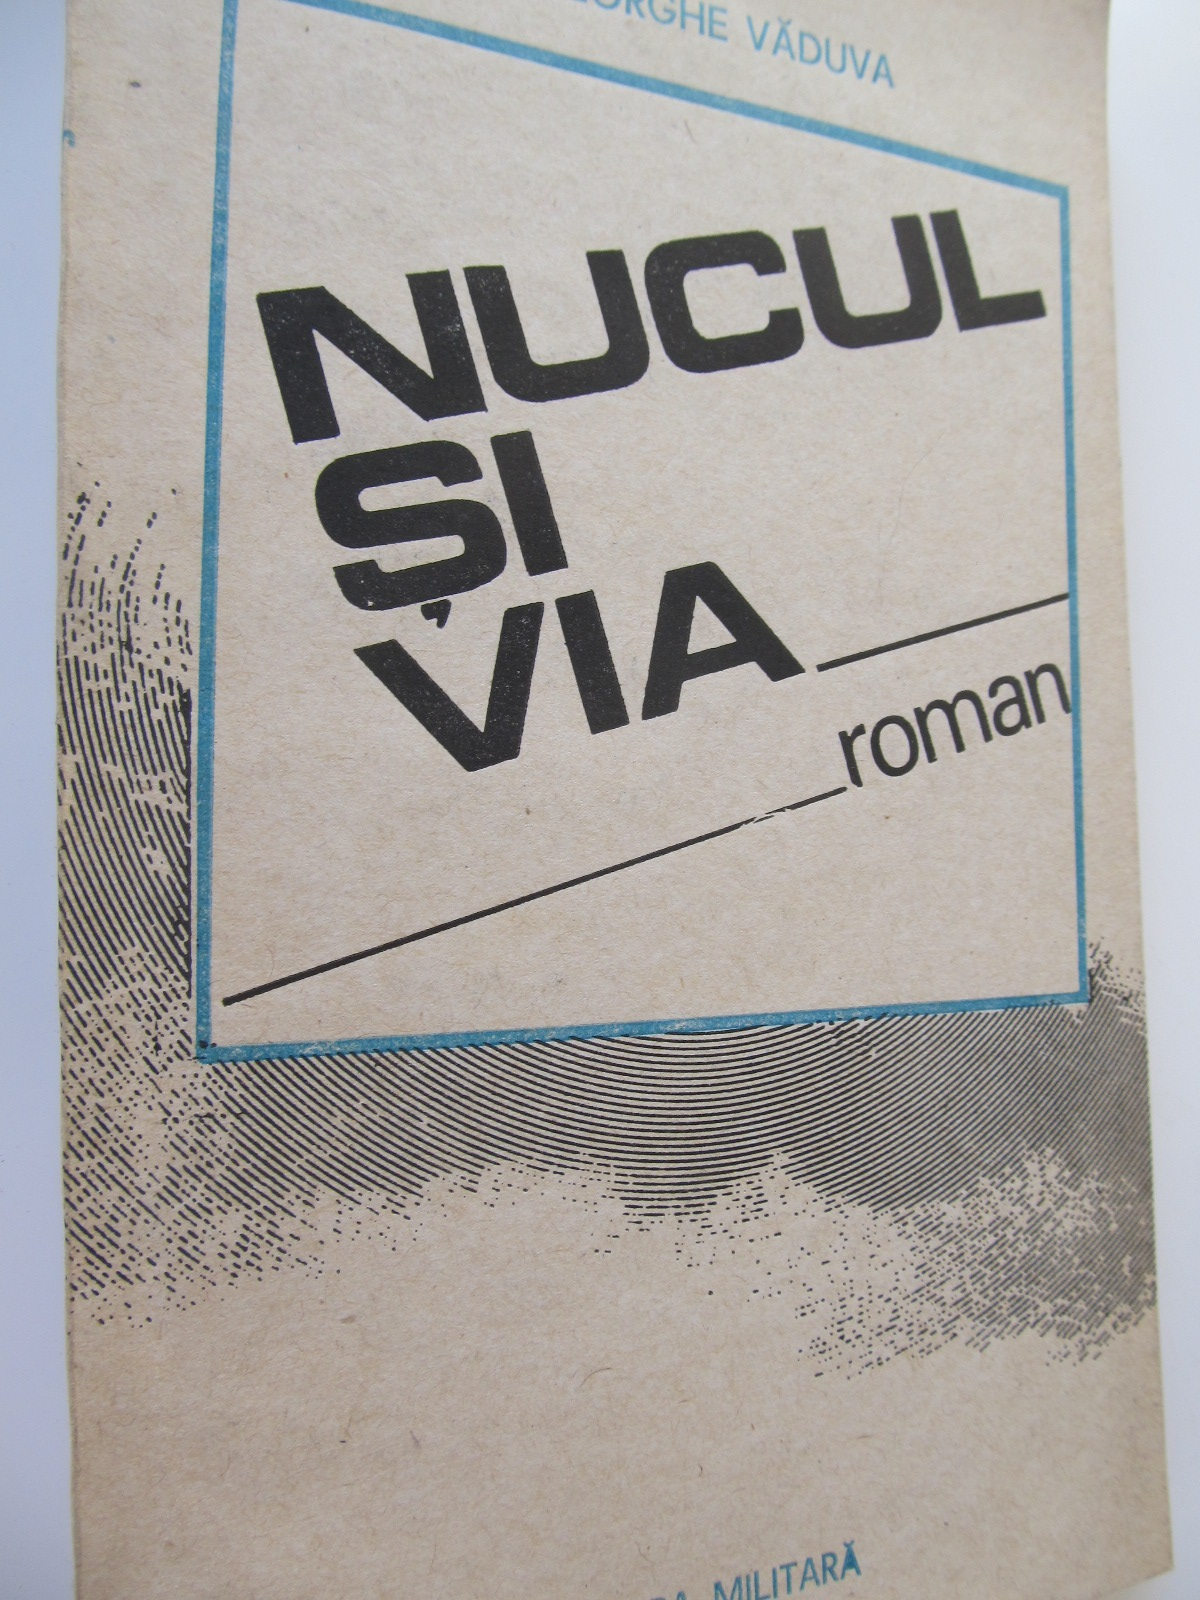 Nucul si via - Gheorghe Vaduva | Detalii carte